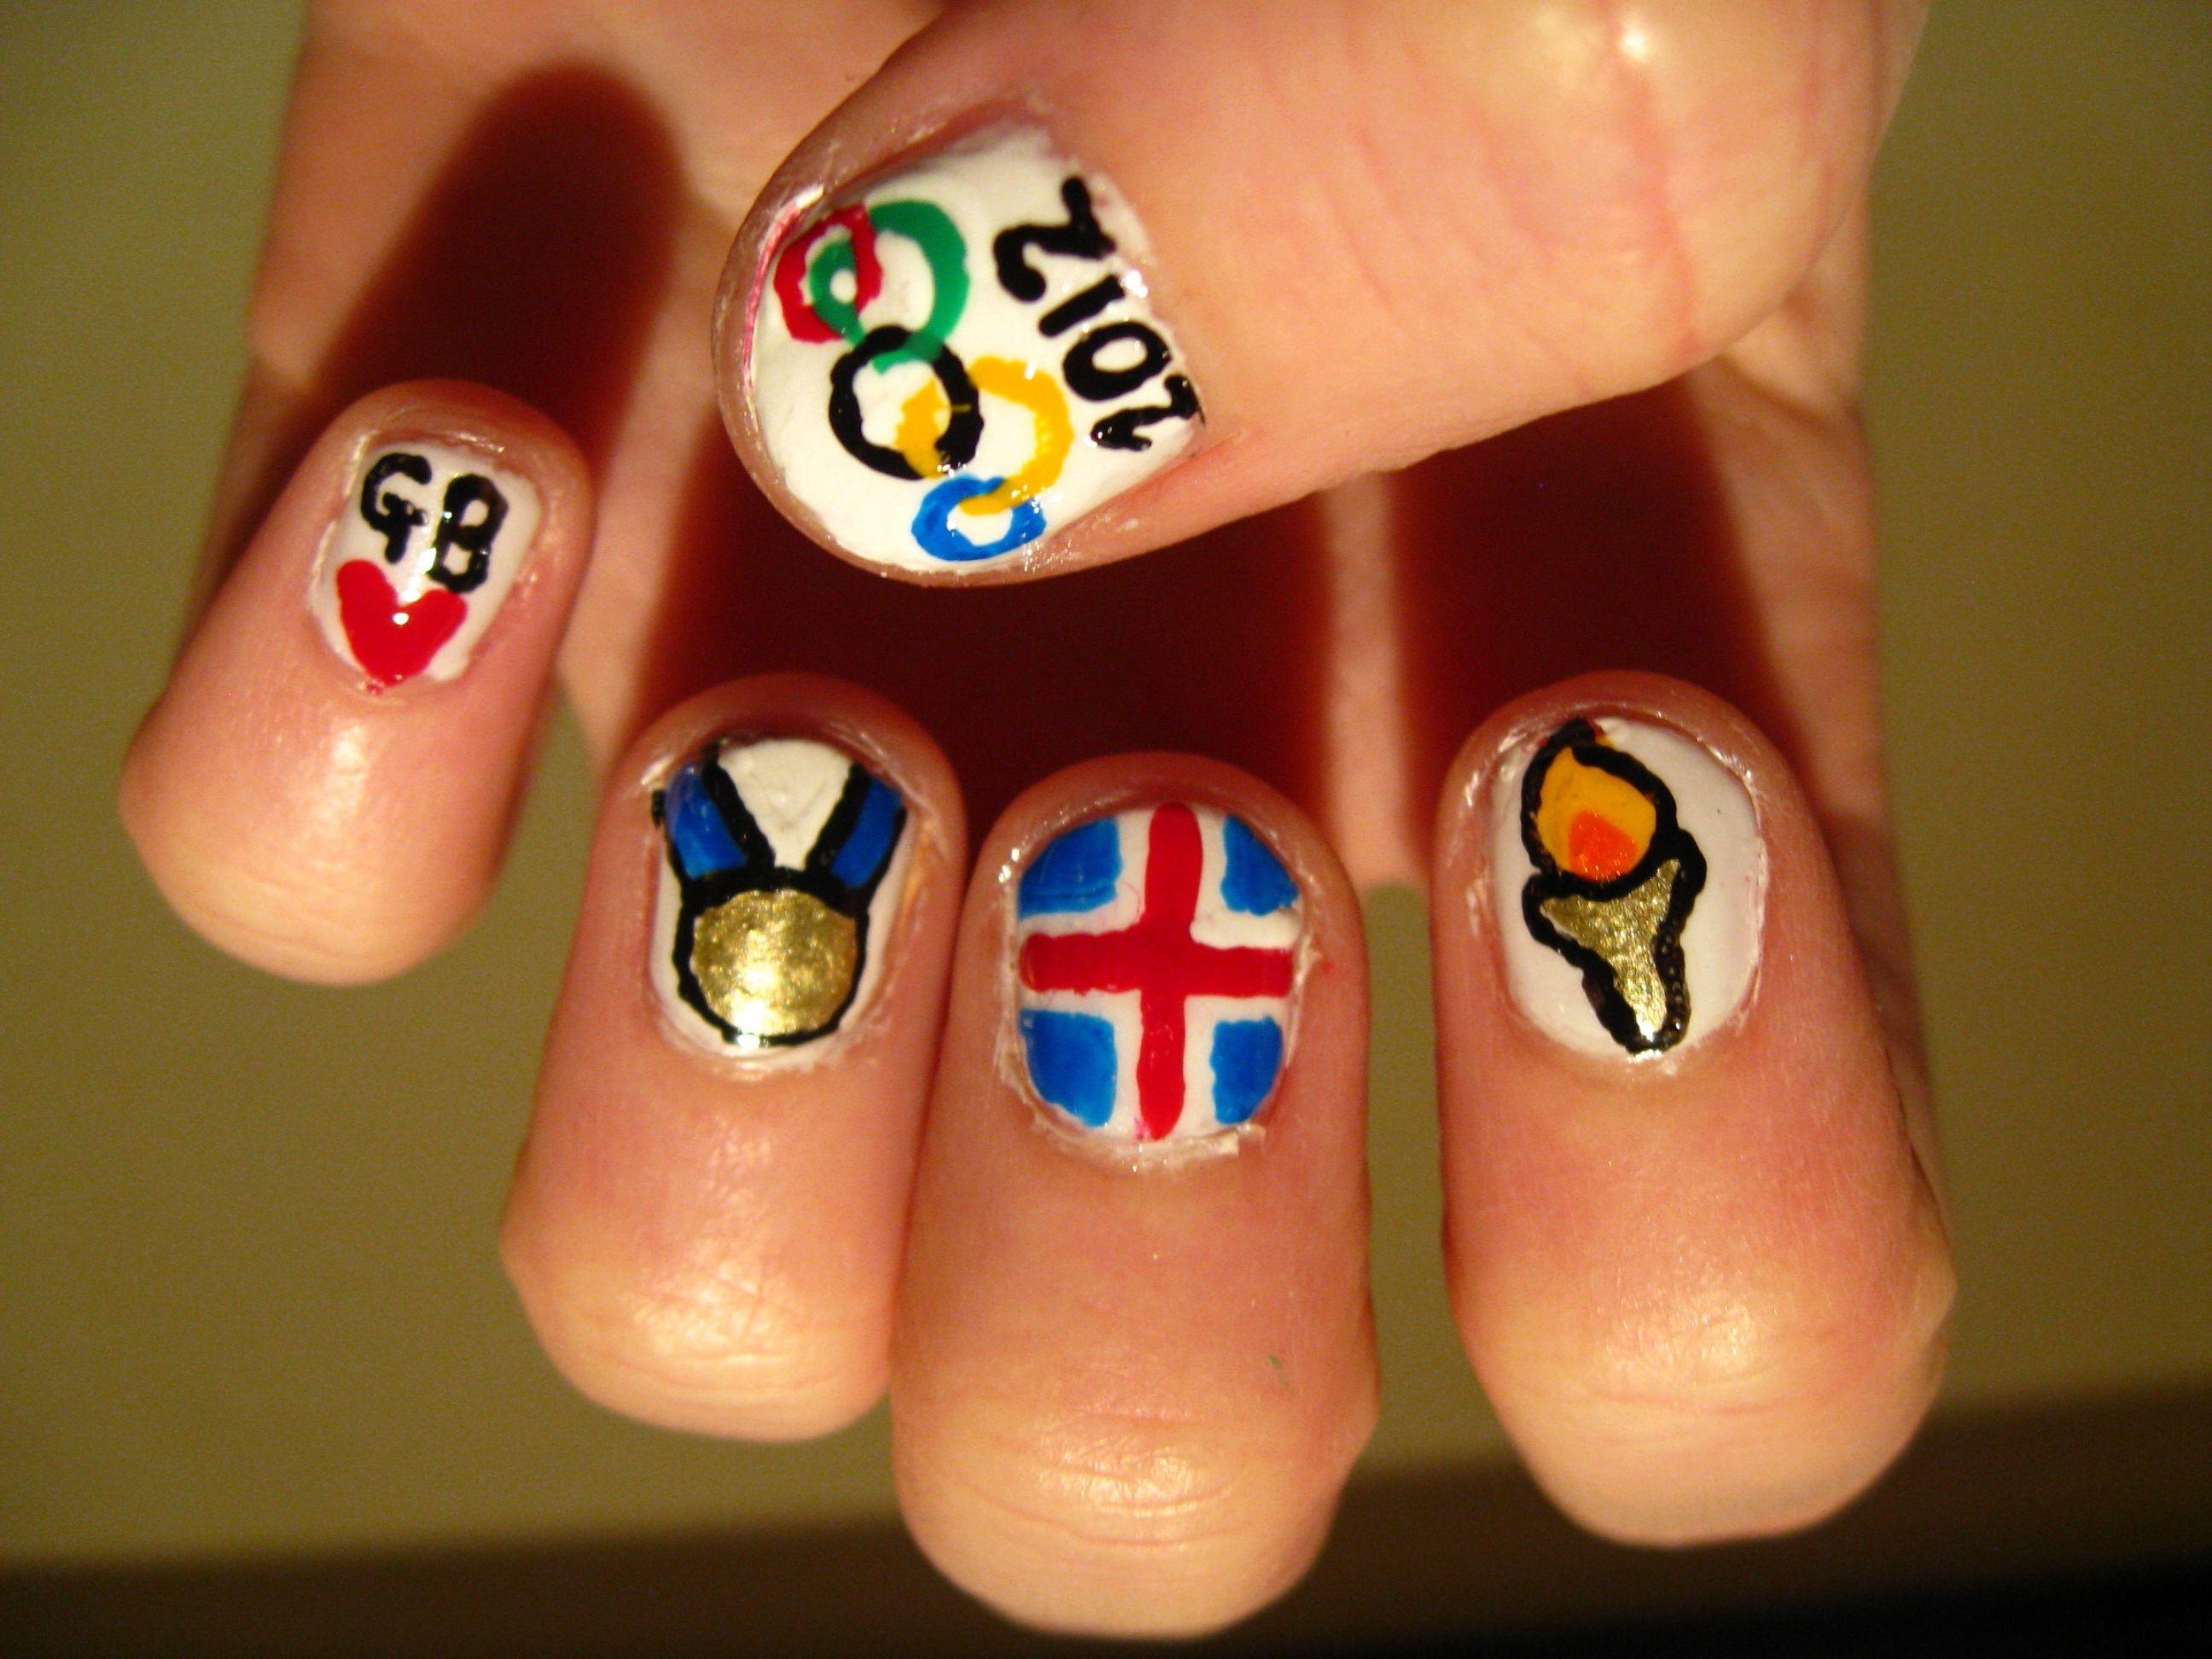 37 besten Nail art Bilder auf Pinterest   Nagelkunst, Gold und Blau